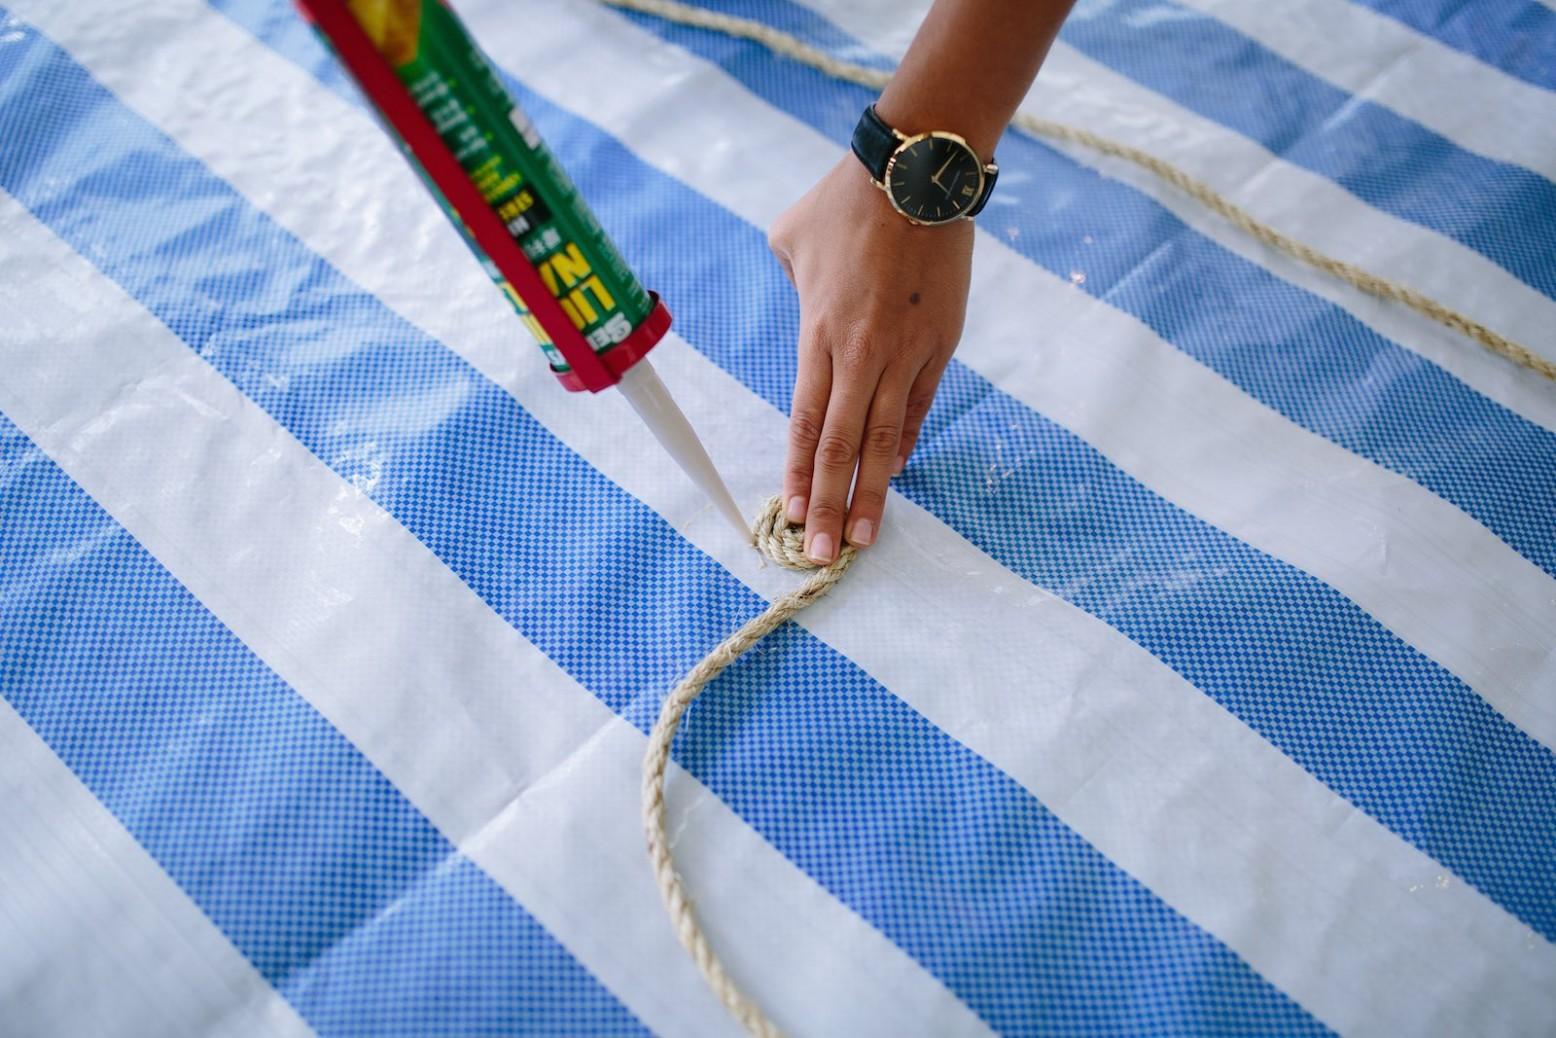 primer paso de nuestro proceso de fabricación de una alfombra de fibra natural